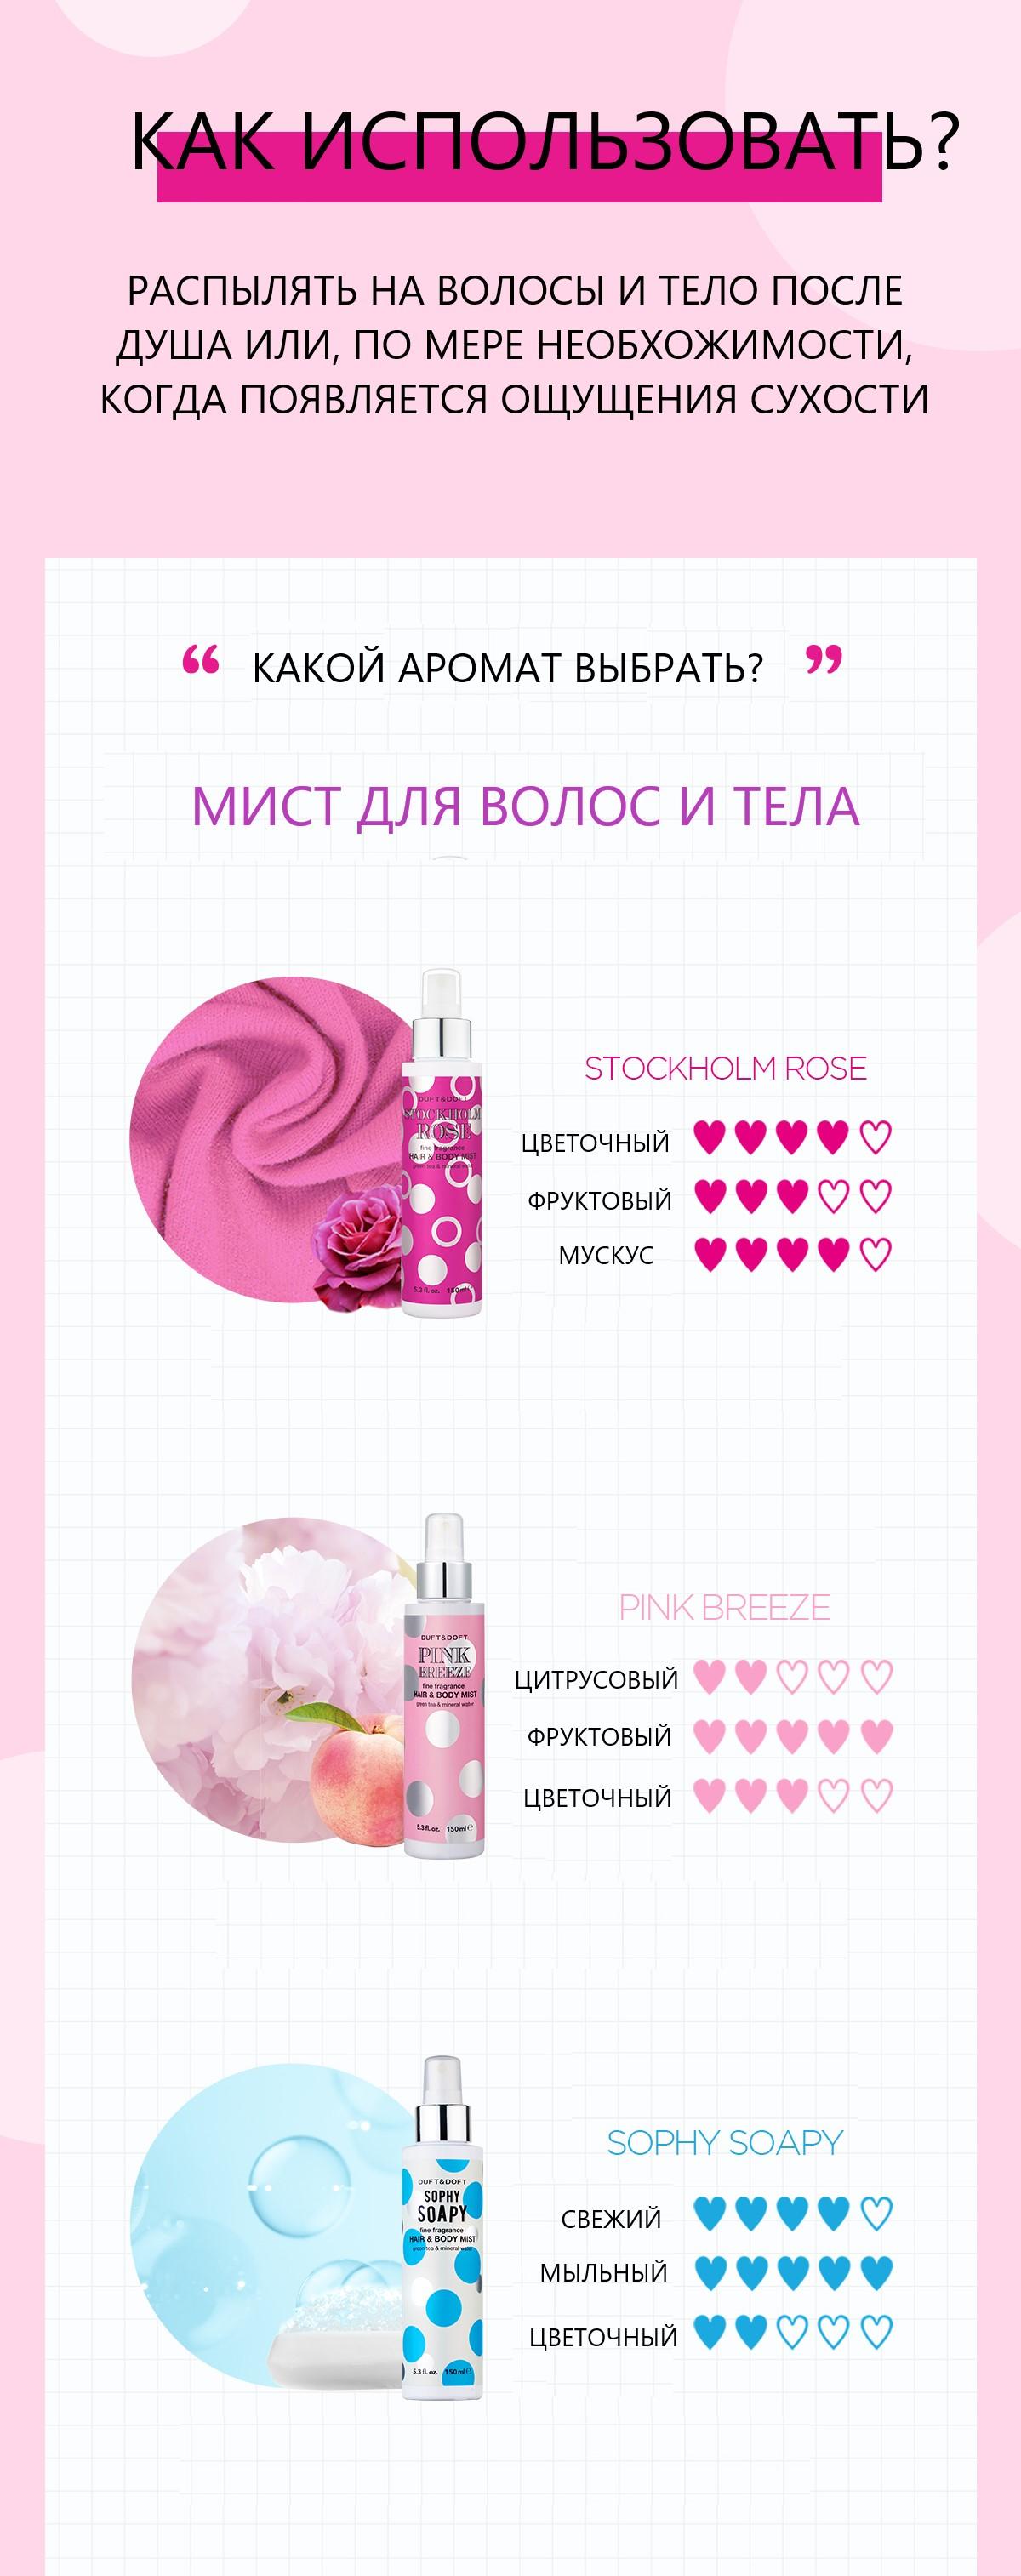 «Stockholm rose» DUFT&DOFT 3